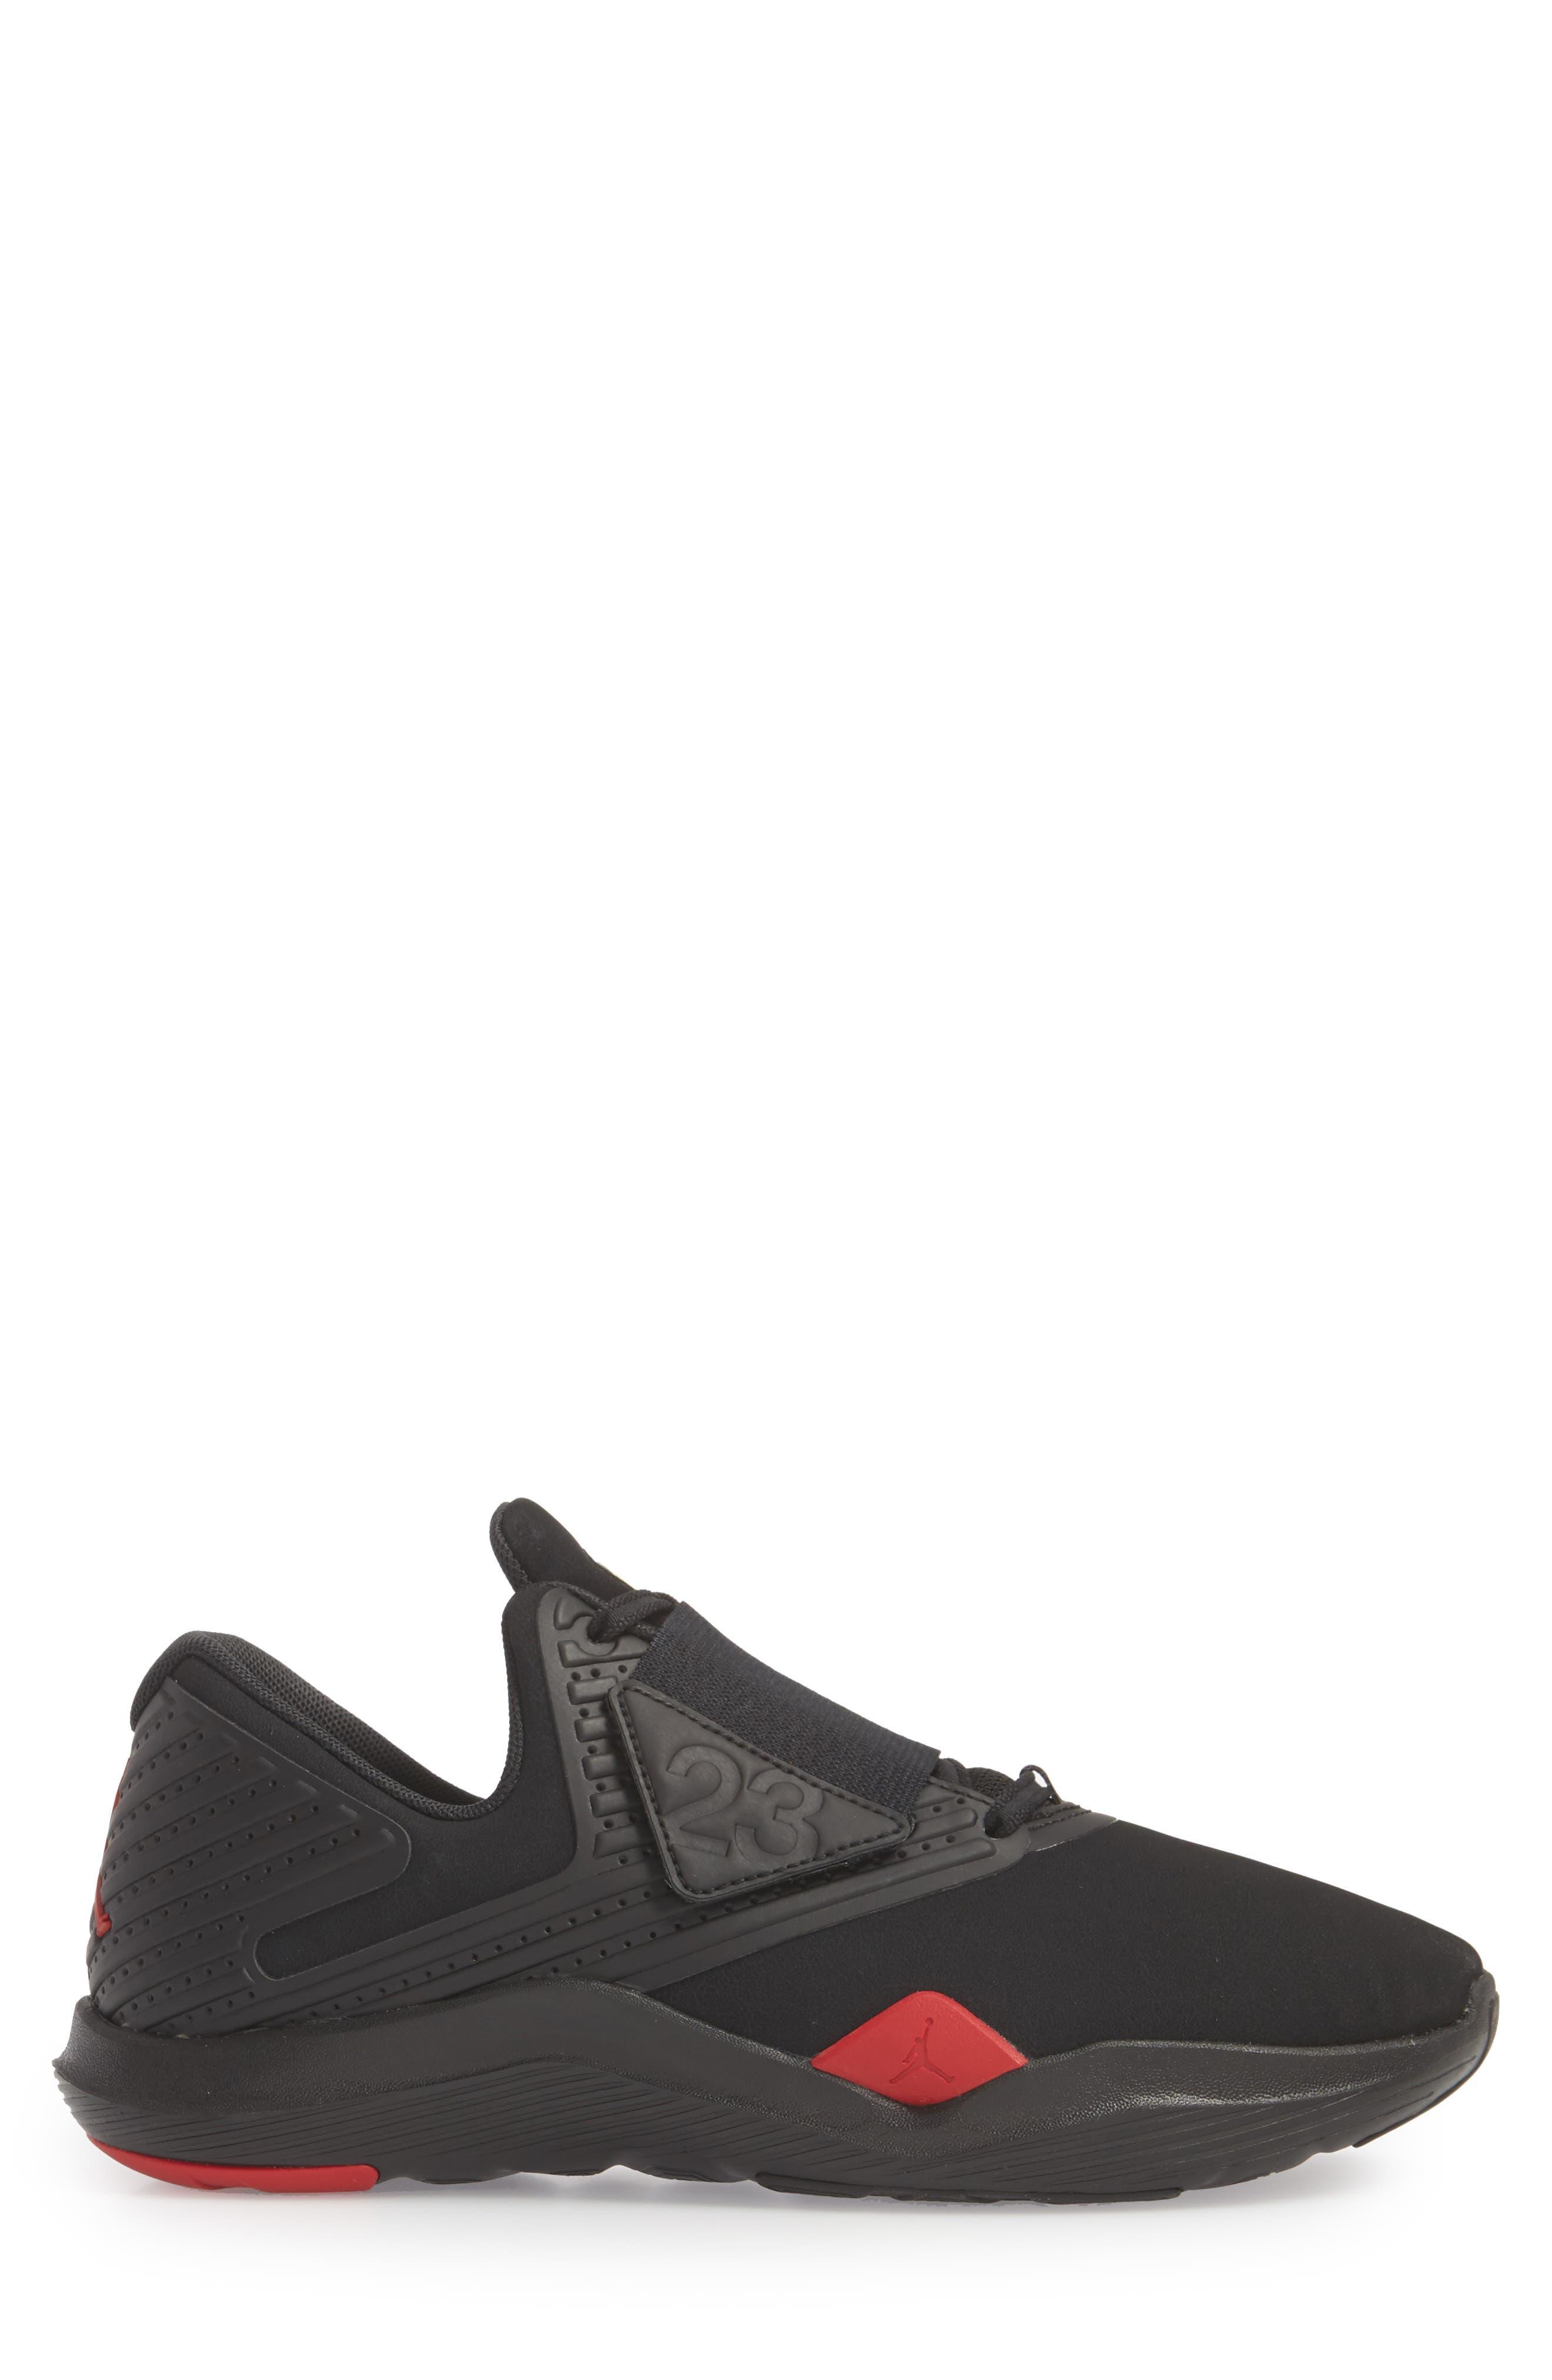 Air Jordan Relentless Training Sneaker,                             Alternate thumbnail 3, color,                             Black/ Varsity Red/ Dandelion